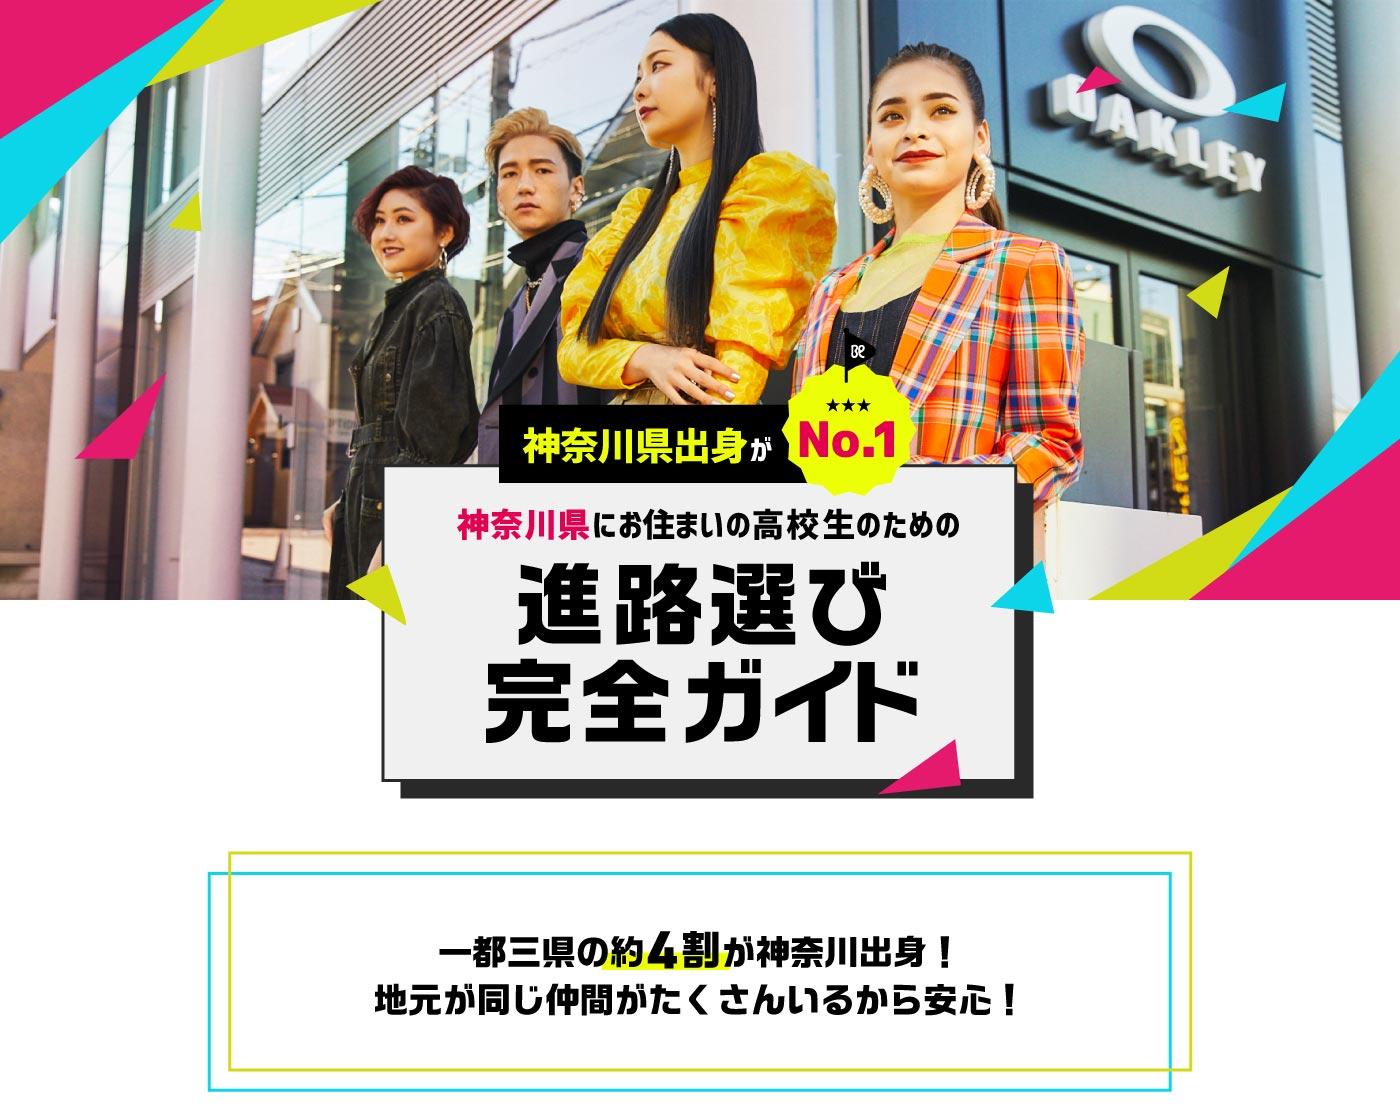 神奈川県にお住まいの高校生のための進路完全ガイド 一都三県の約4割が神奈川出身!地元が同じ仲間がたくさんいるから安心!